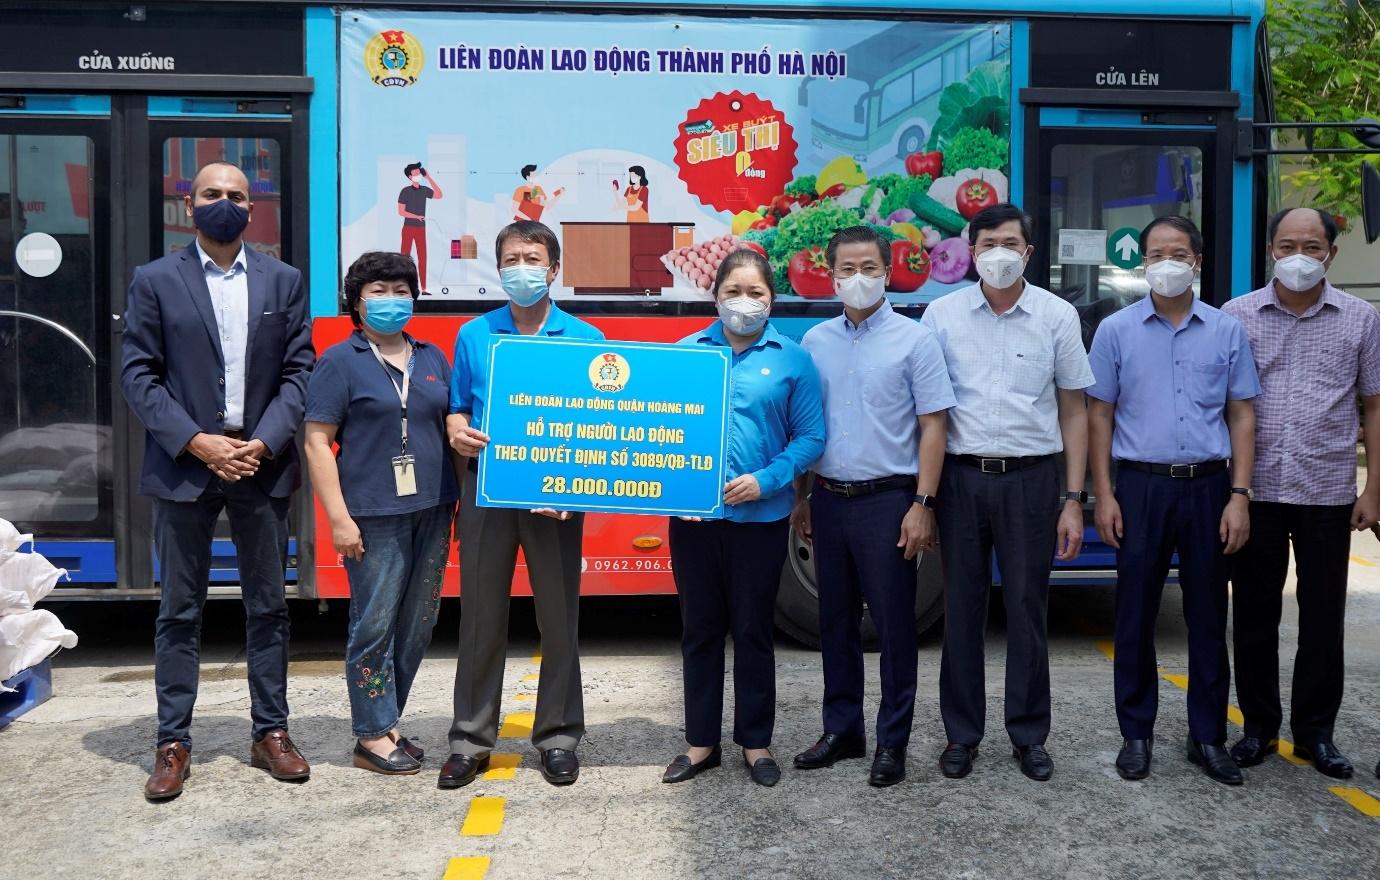 """""""Vùng xanh doanh nghiệp"""" trong vùng đỏ của dịch bệnh: Đảm bảo an toàn cho người lao động an toàn và không đứt gãy sản xuất"""